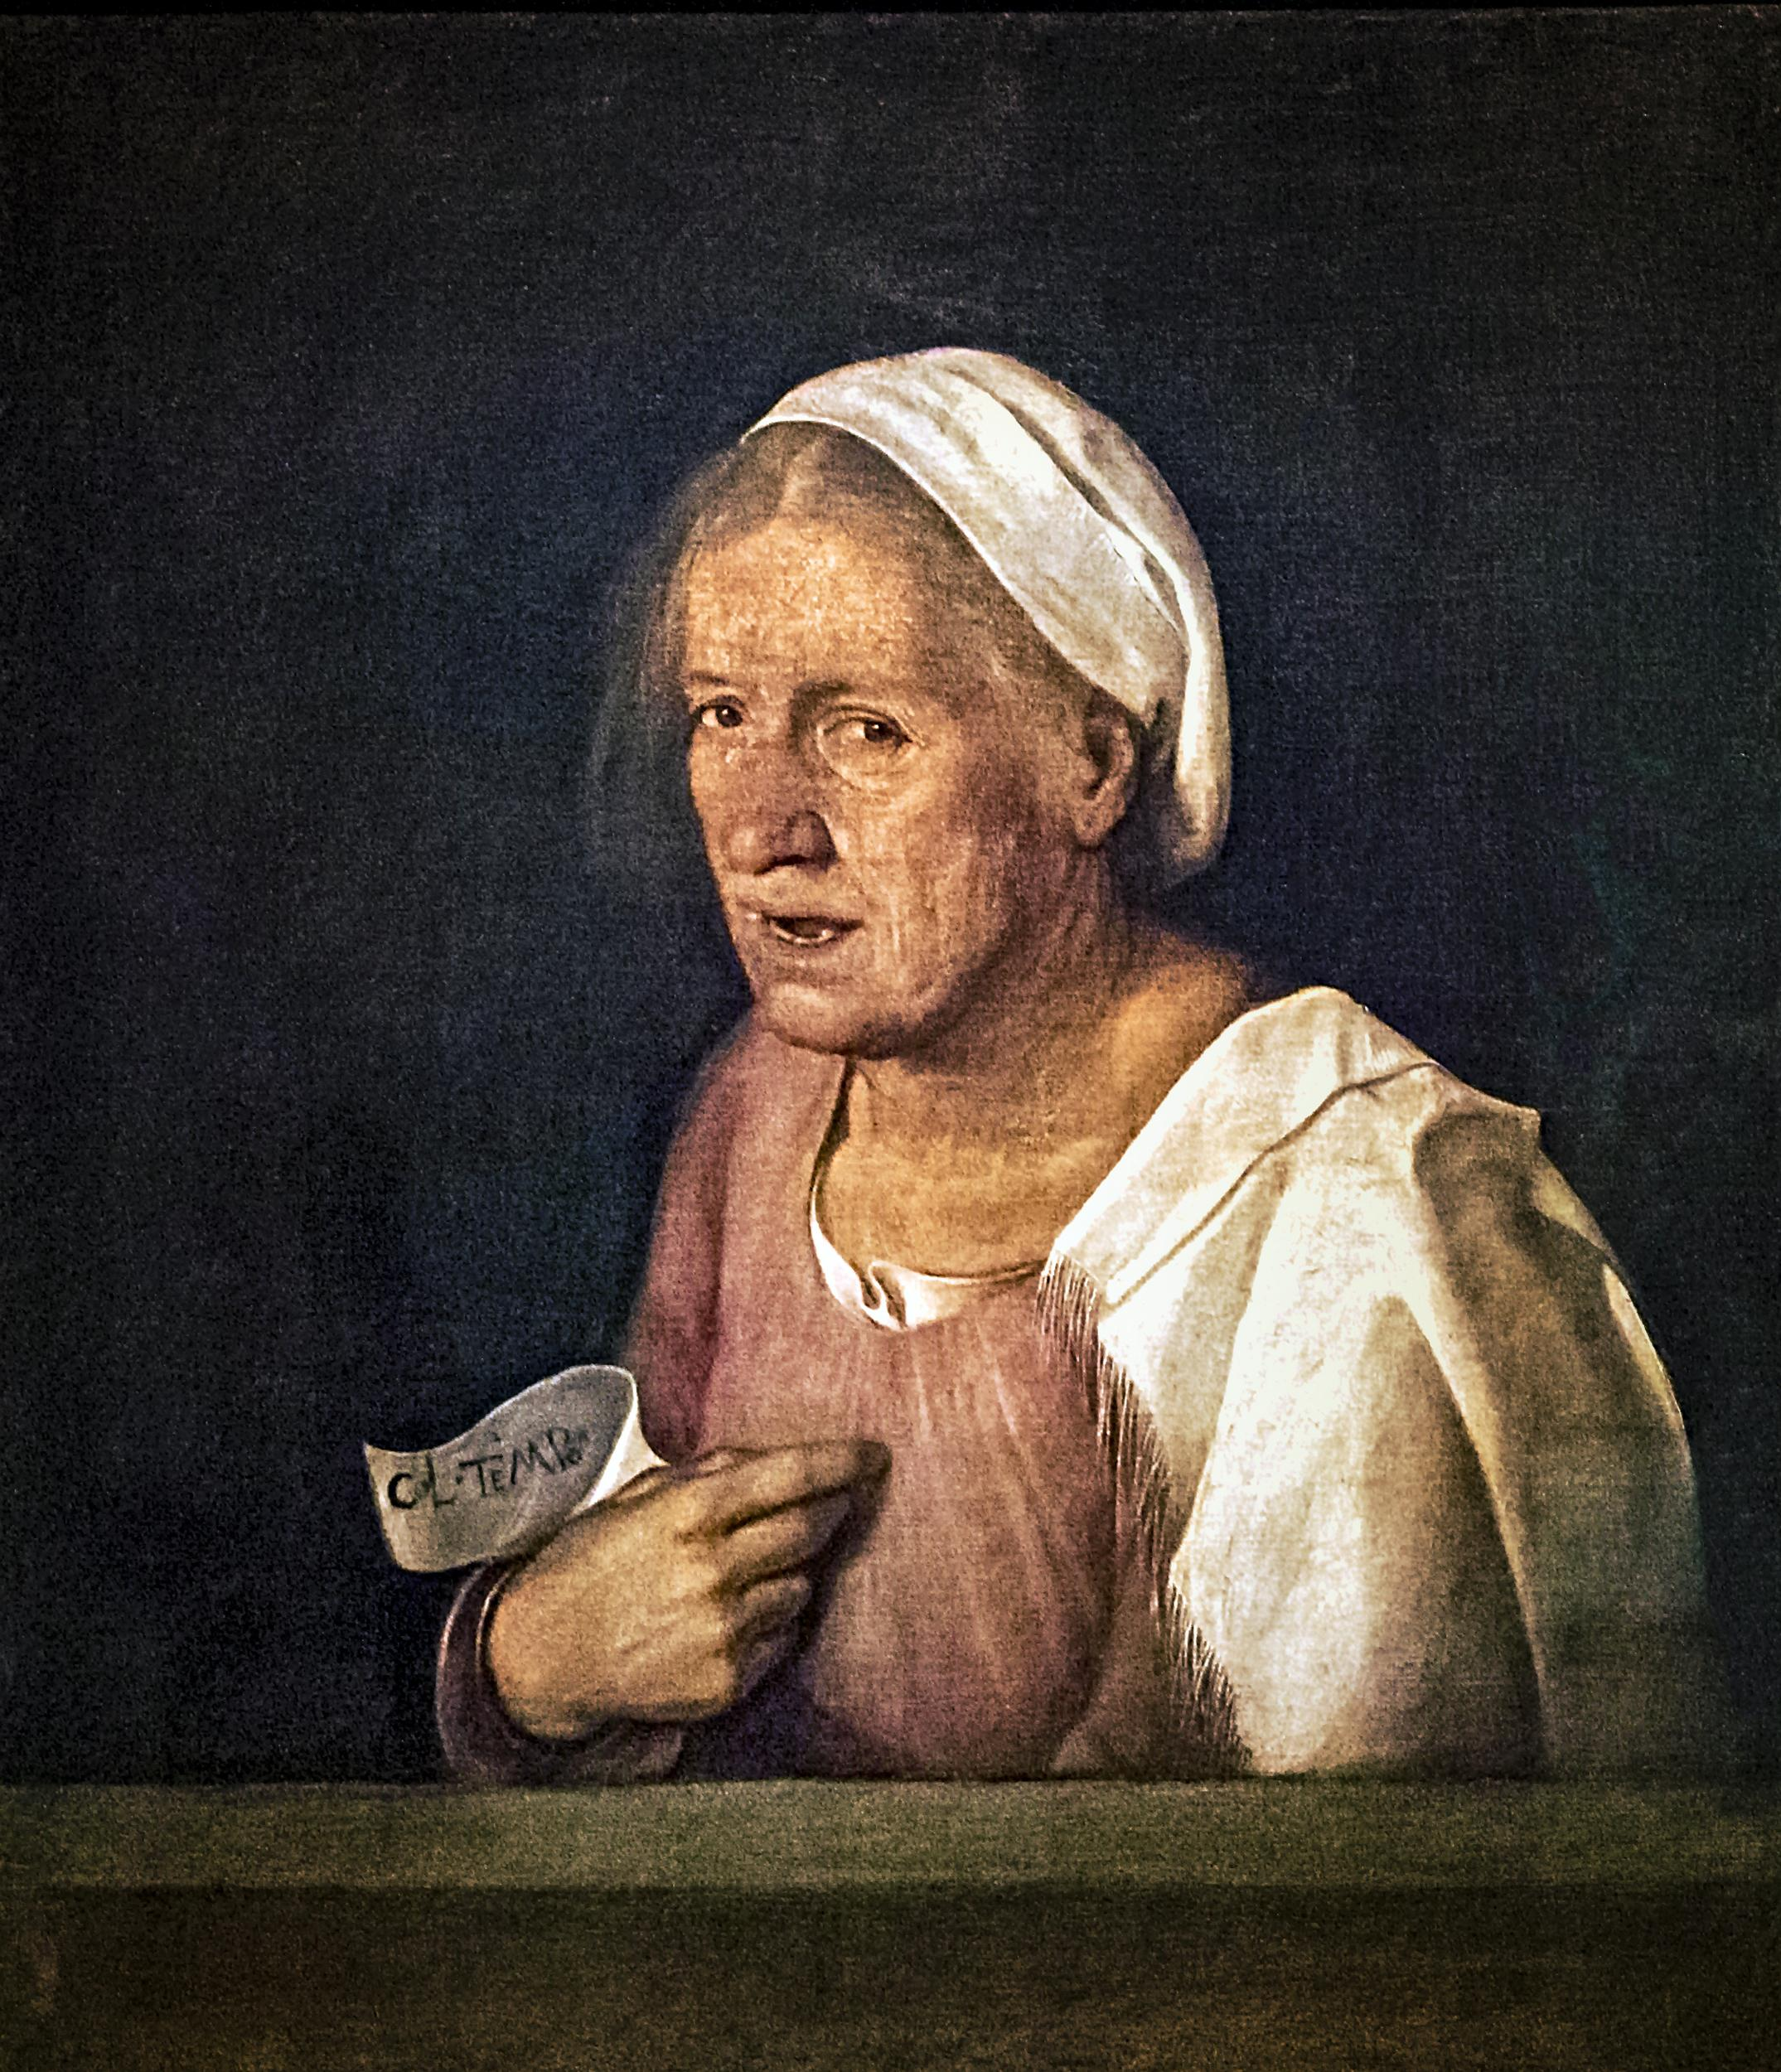 Giorgione, La Vecchia, 1506 ca. Venezia, Gallerie dell'Accademia.